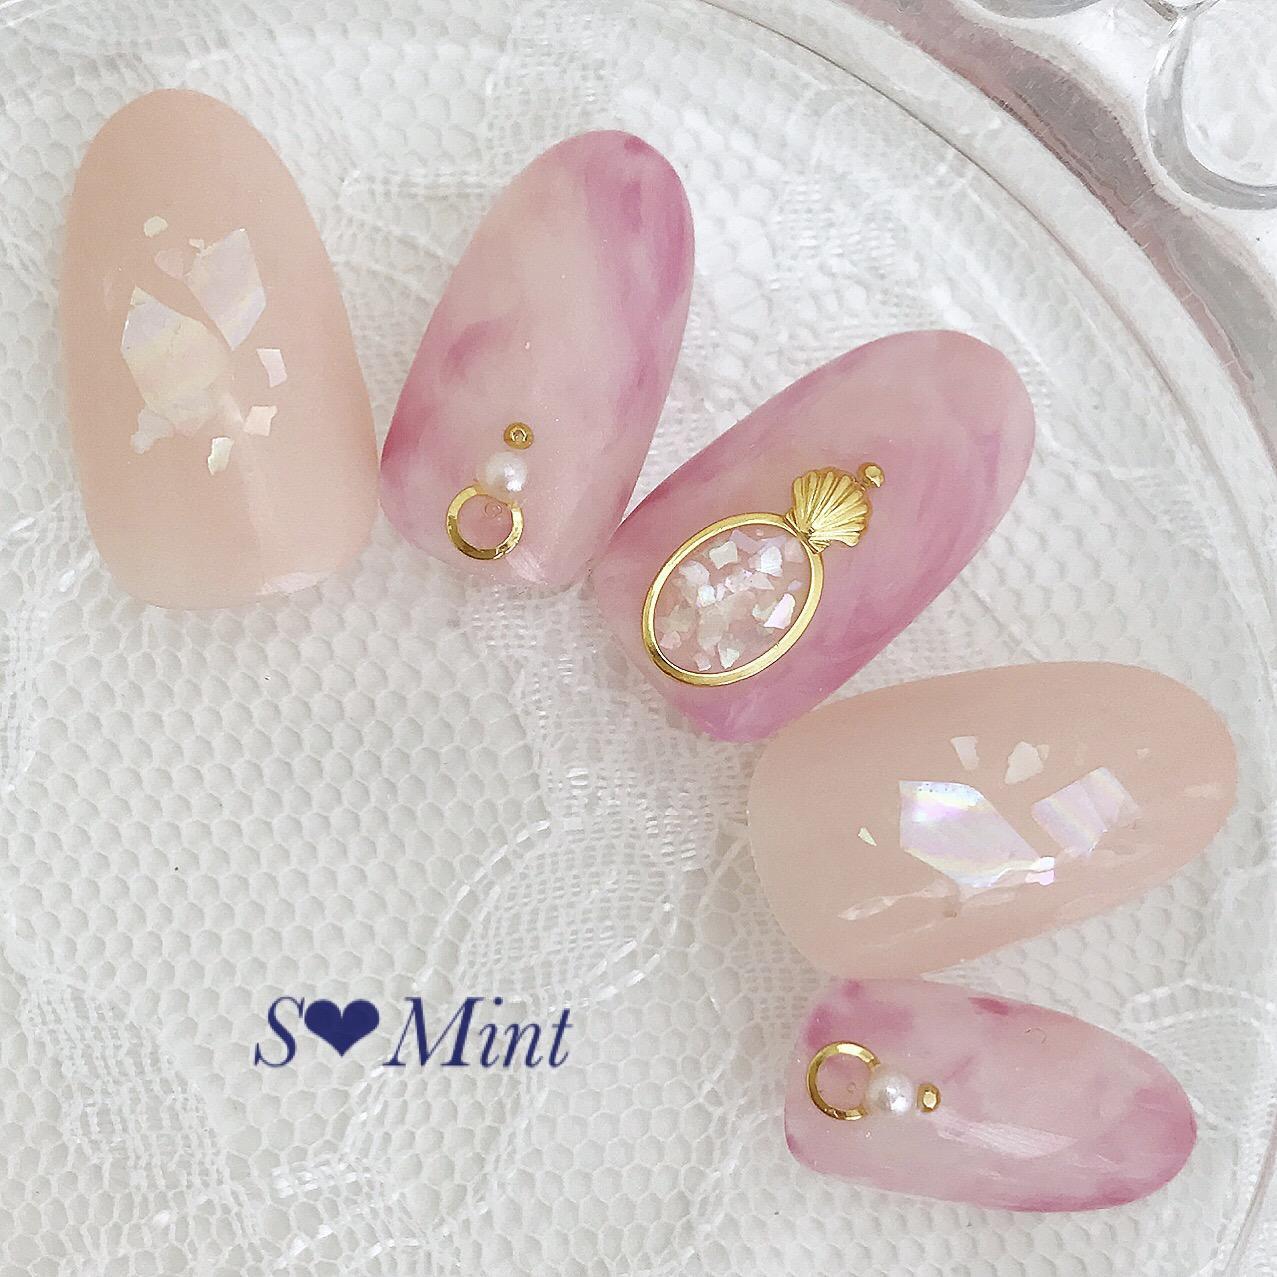 出典:大野早紀☆S・Mint